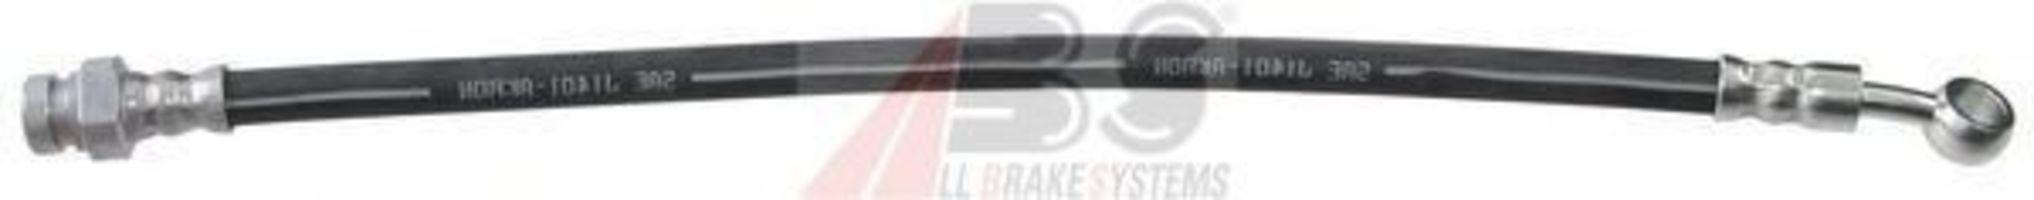 Шланг тормозной A.B.S. SL 6087